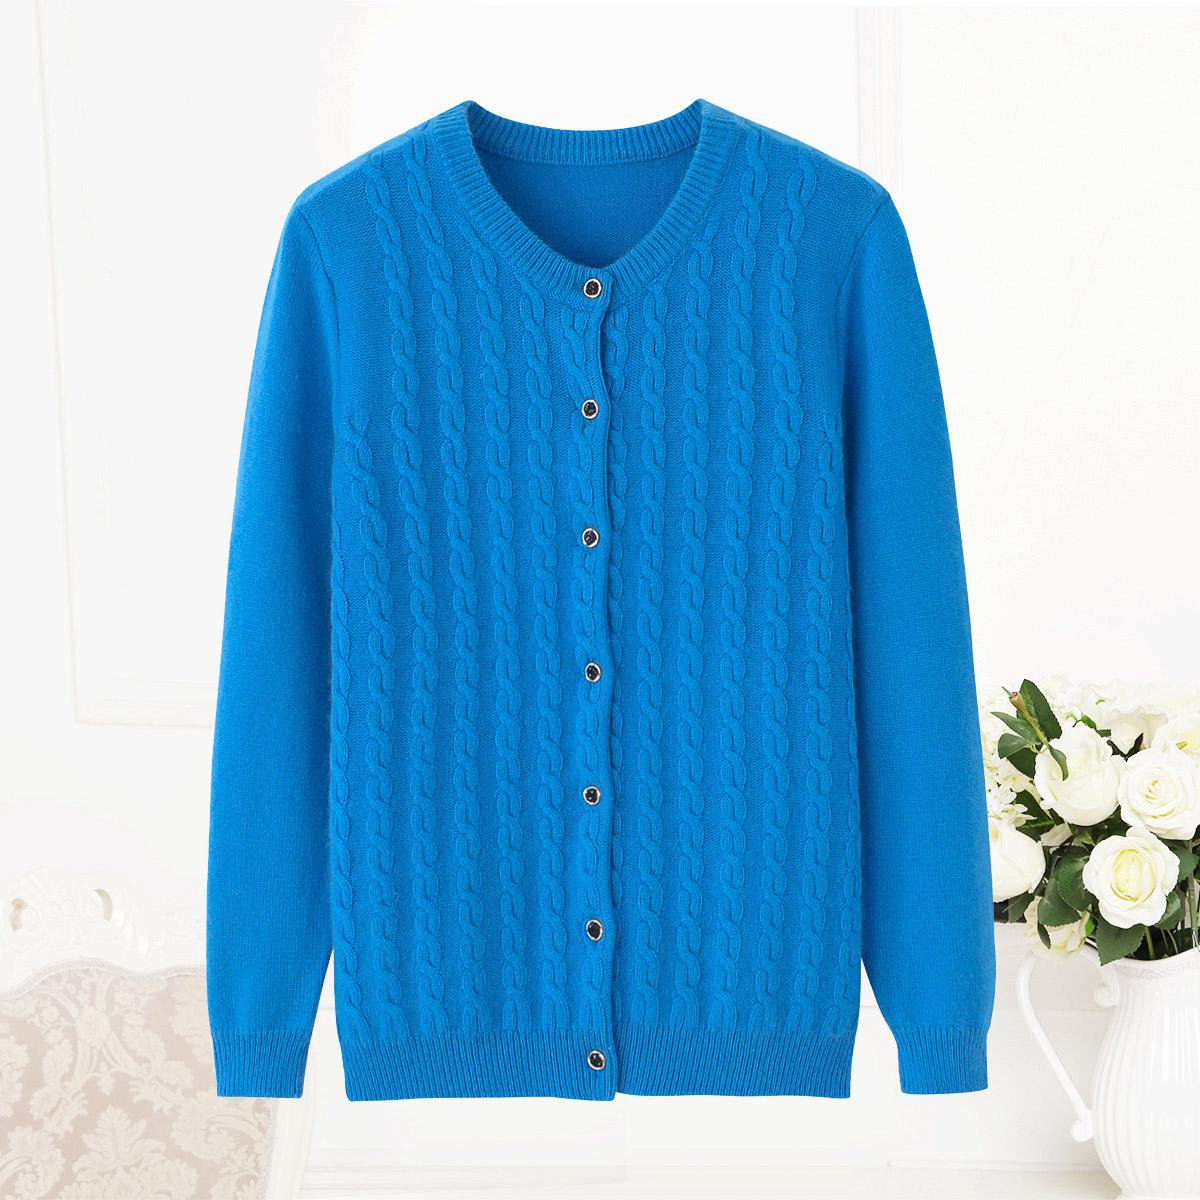 中高年の母はカシミヤのカーディガンを着ています。女性は厚めで純色がシンプルで、ゆったりとしたサイズのセーターの上着の新商品です。